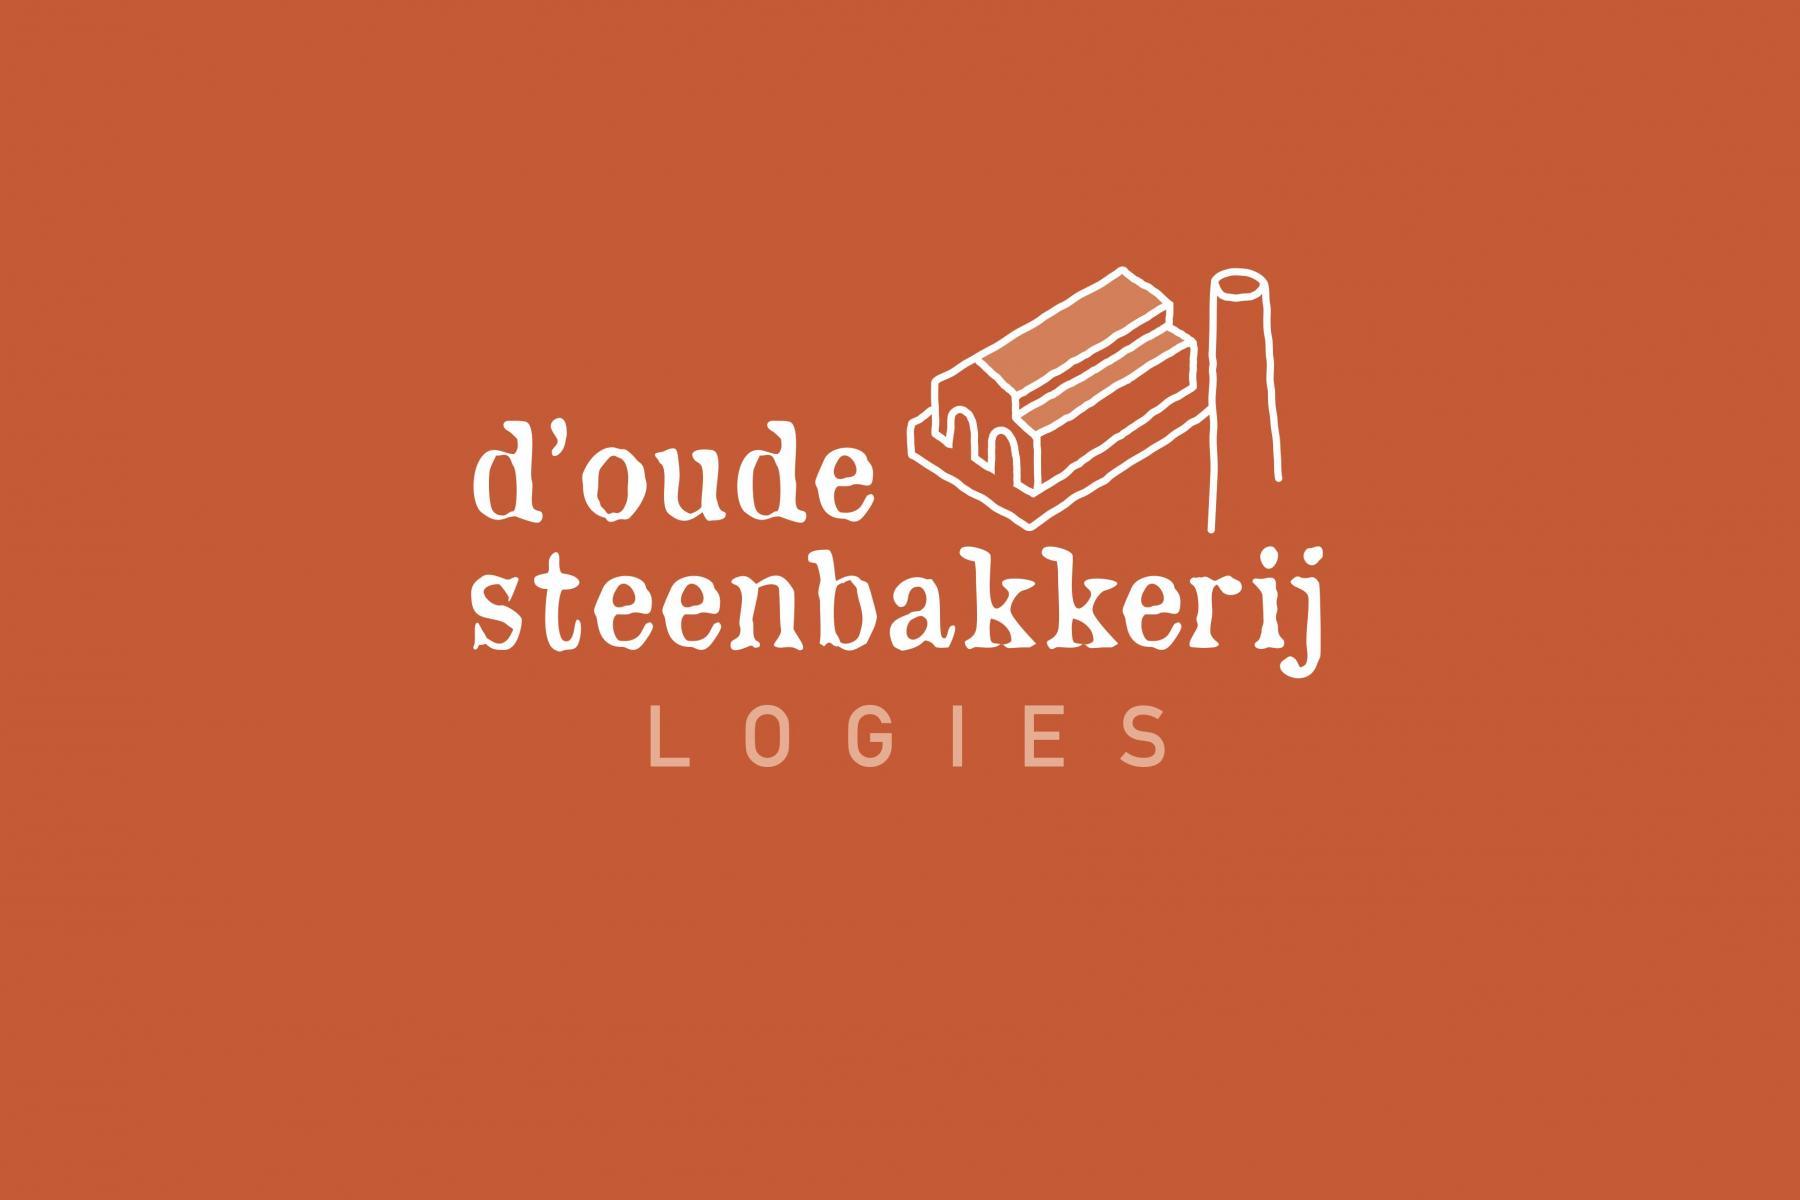 Visit Nieuwpoort d'Oude Steenbakkerij